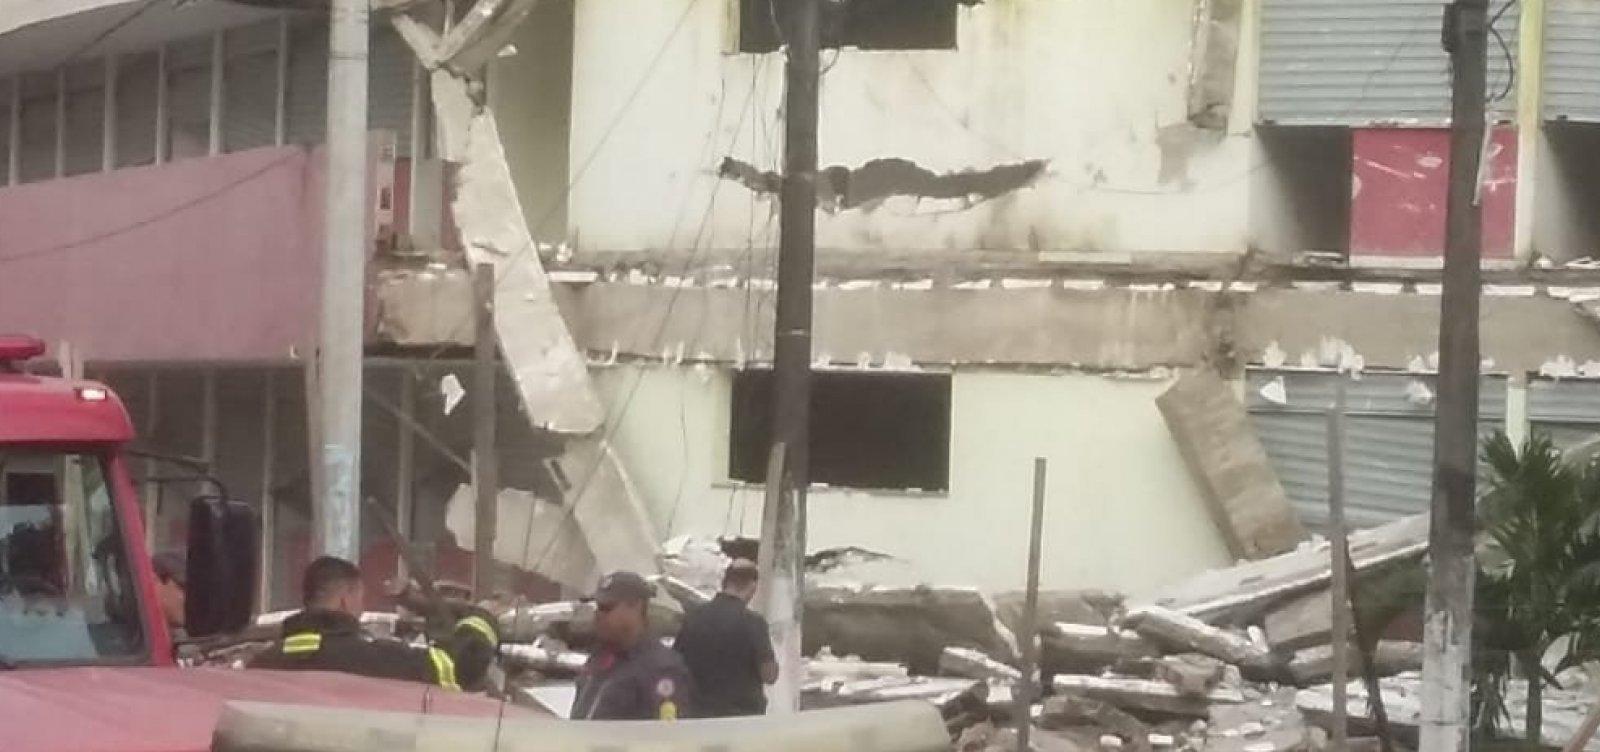 [Prédio que abrigaria shopping em Itabuna terá que ser demolido, segundo perícia]